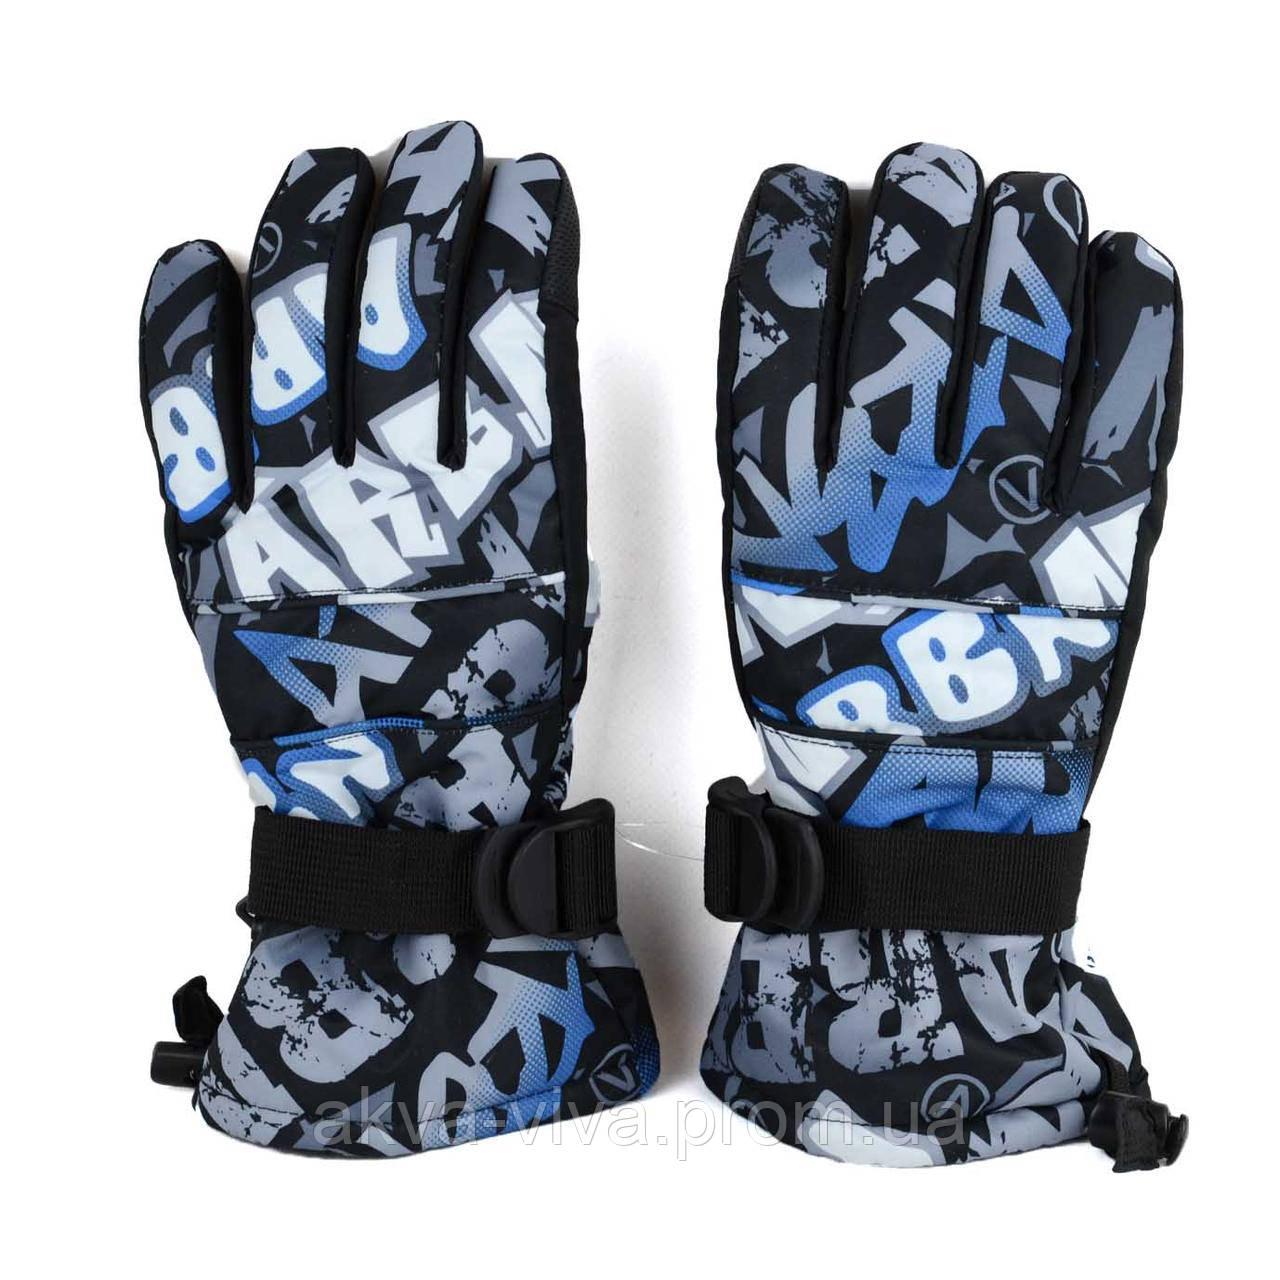 Перчатки лыжные с сенсорным покрытием (ЗП-1011)